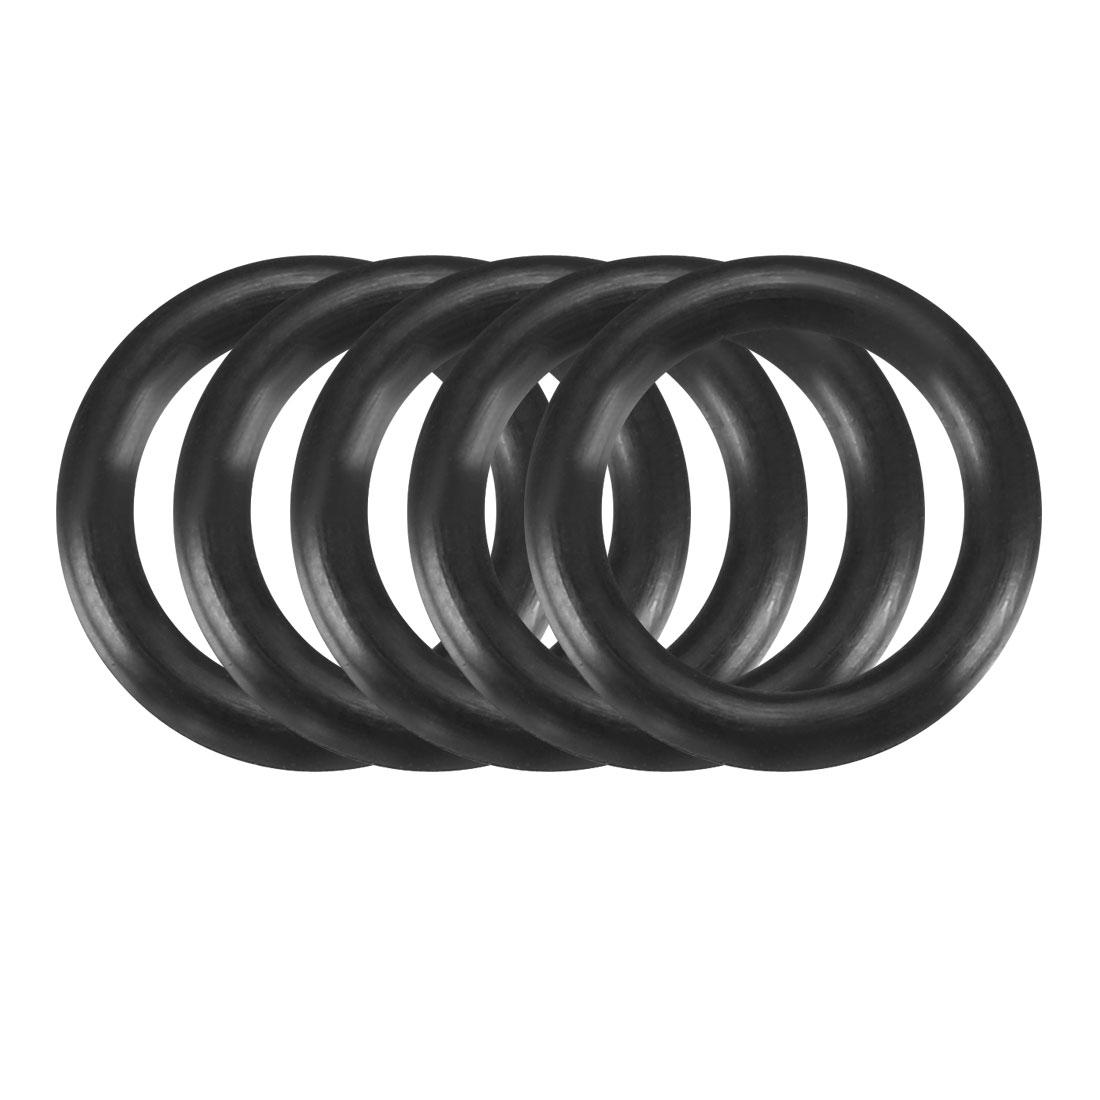 5pcs Black Nitrile Butadiene Rubber NBR O-Ring 10.2mm Inner Dia 2.4mm Width